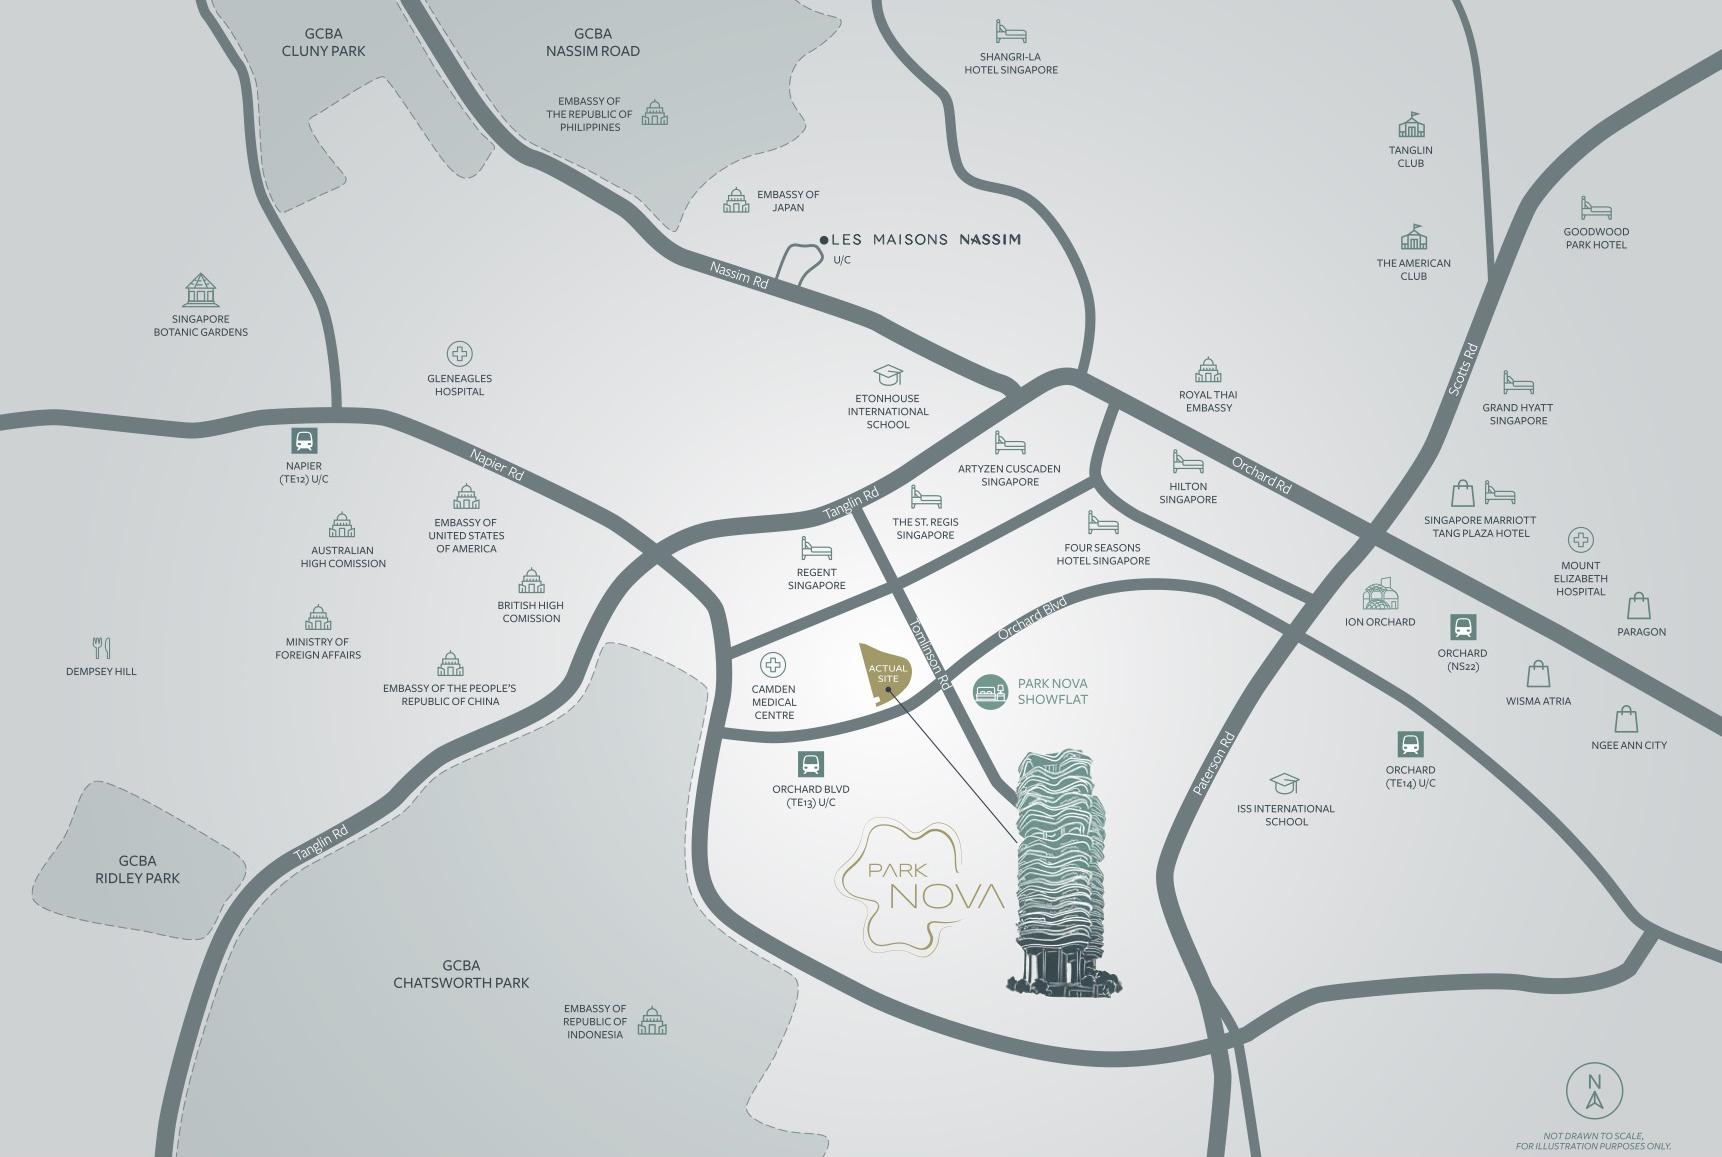 Park Nova Location Map Singapore